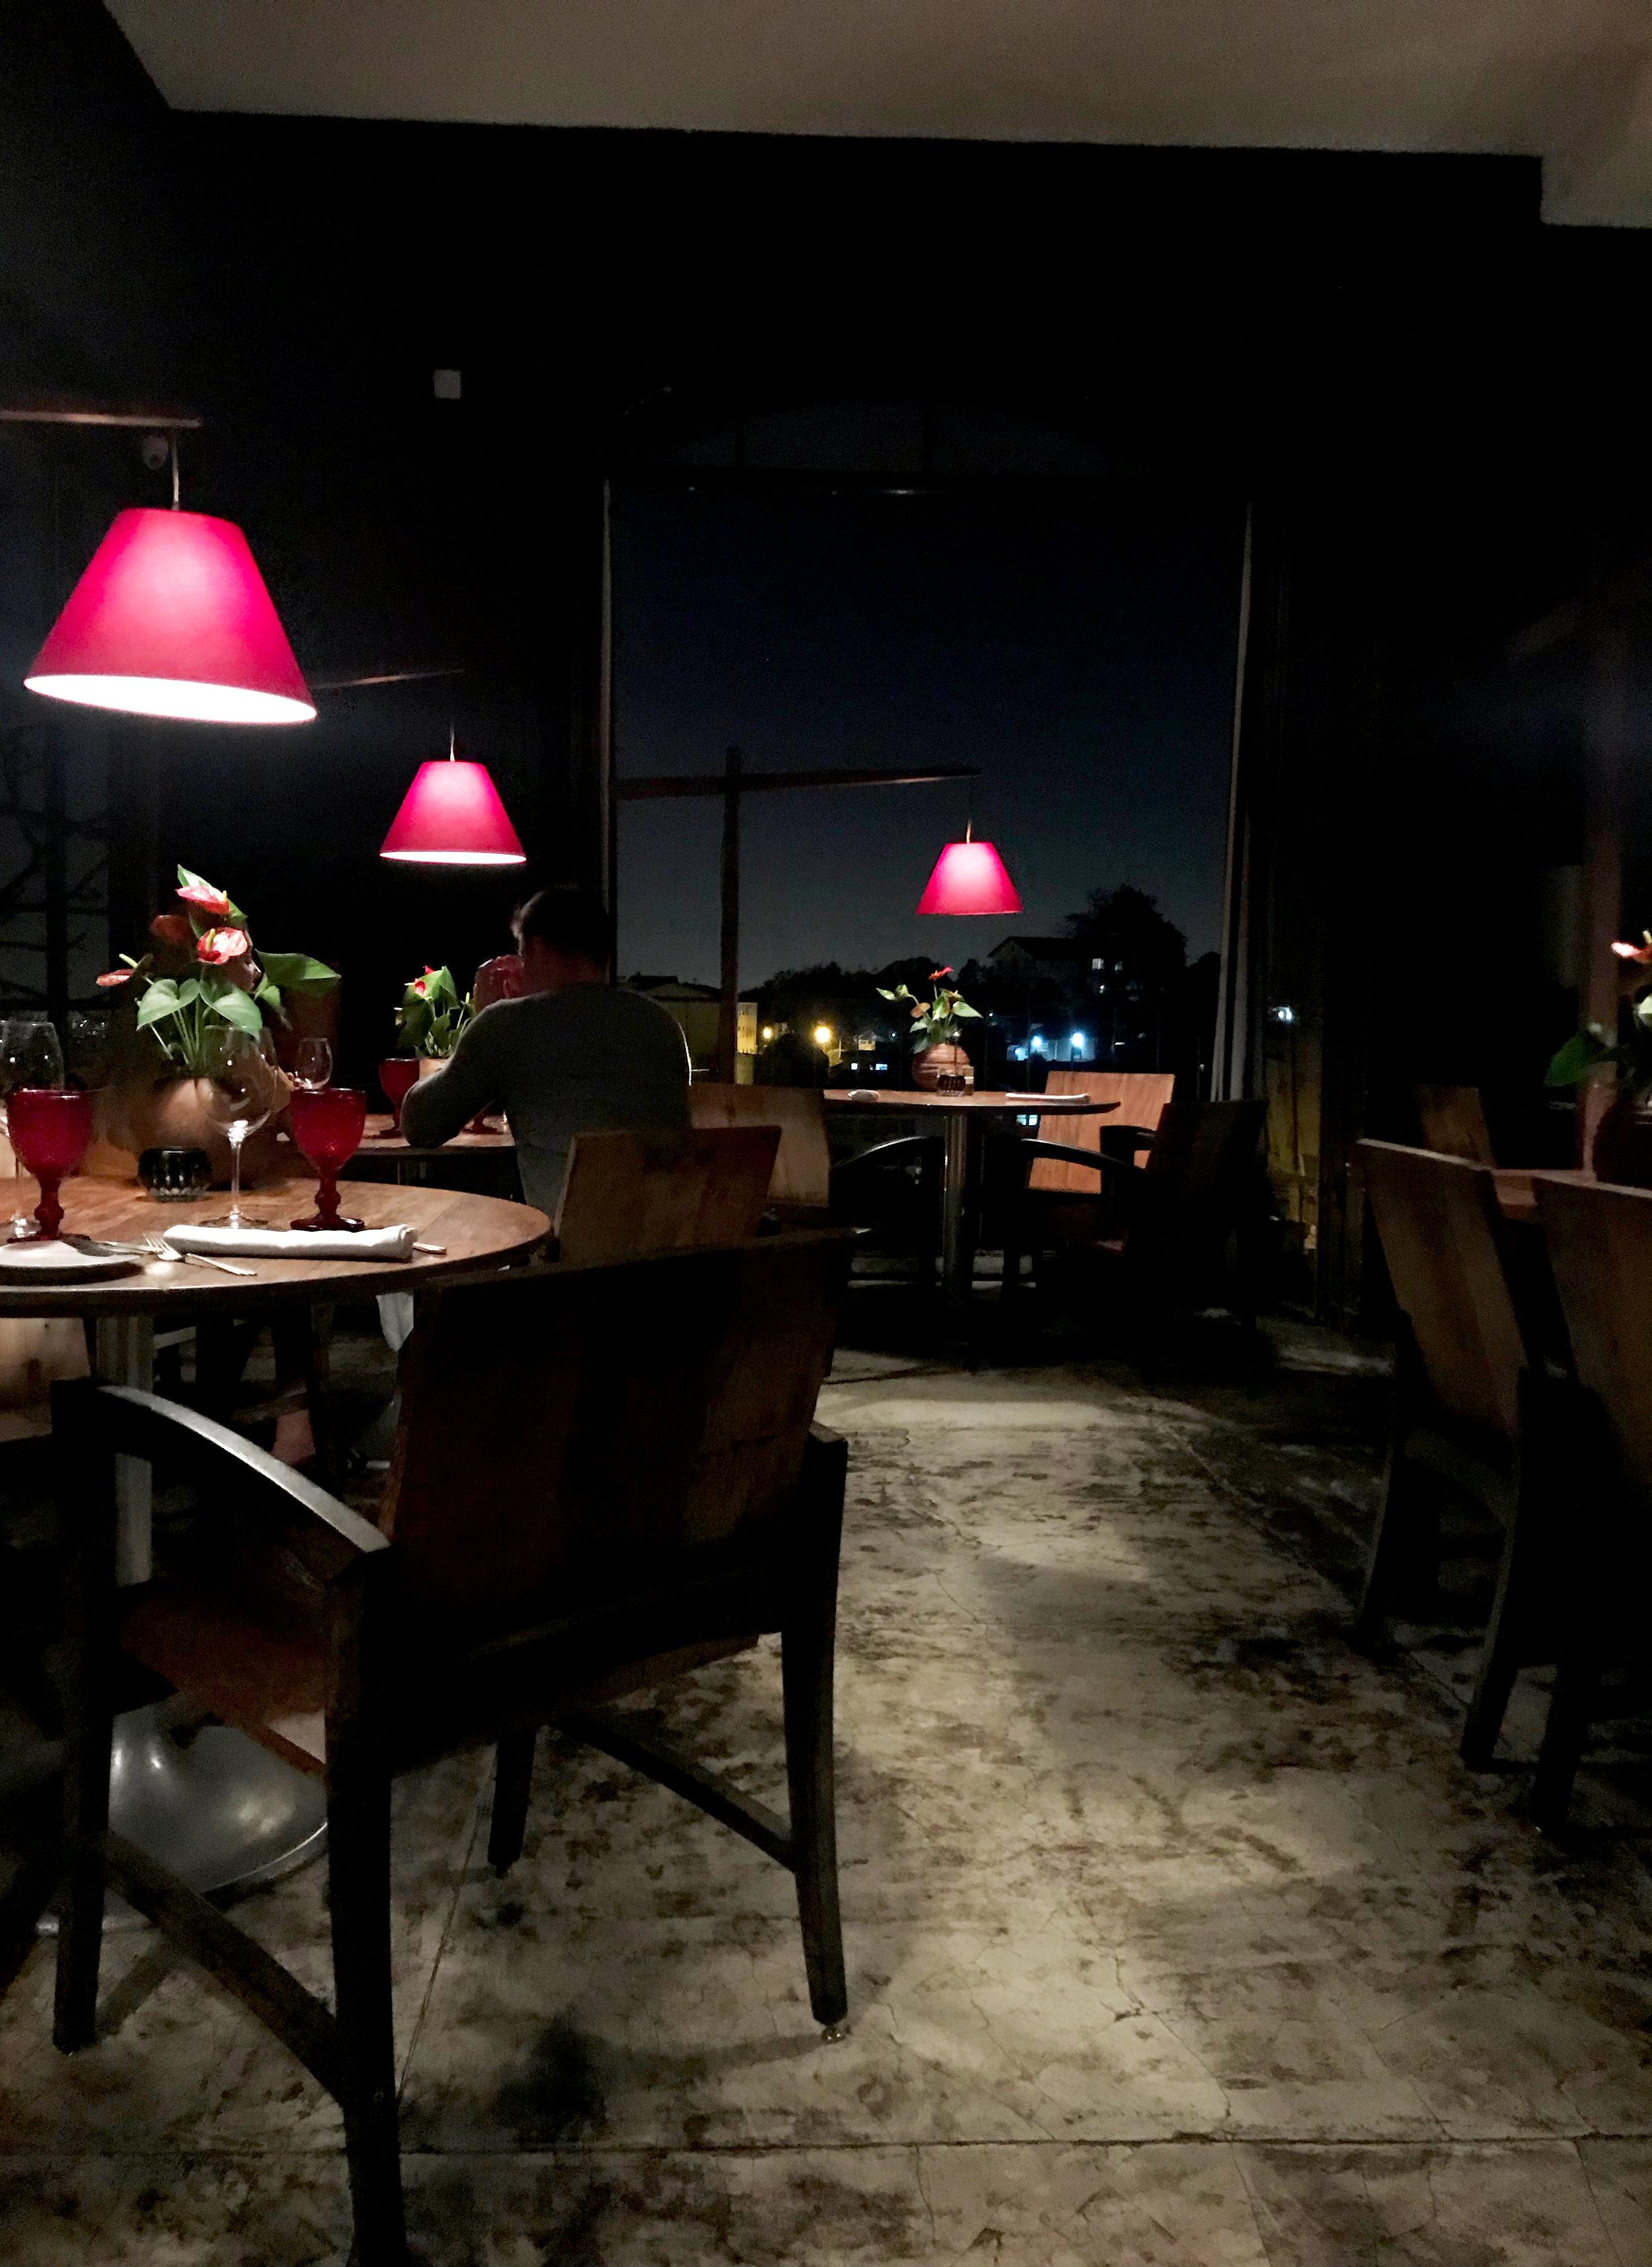 Наблюдаю за остальными гостями ресторана.